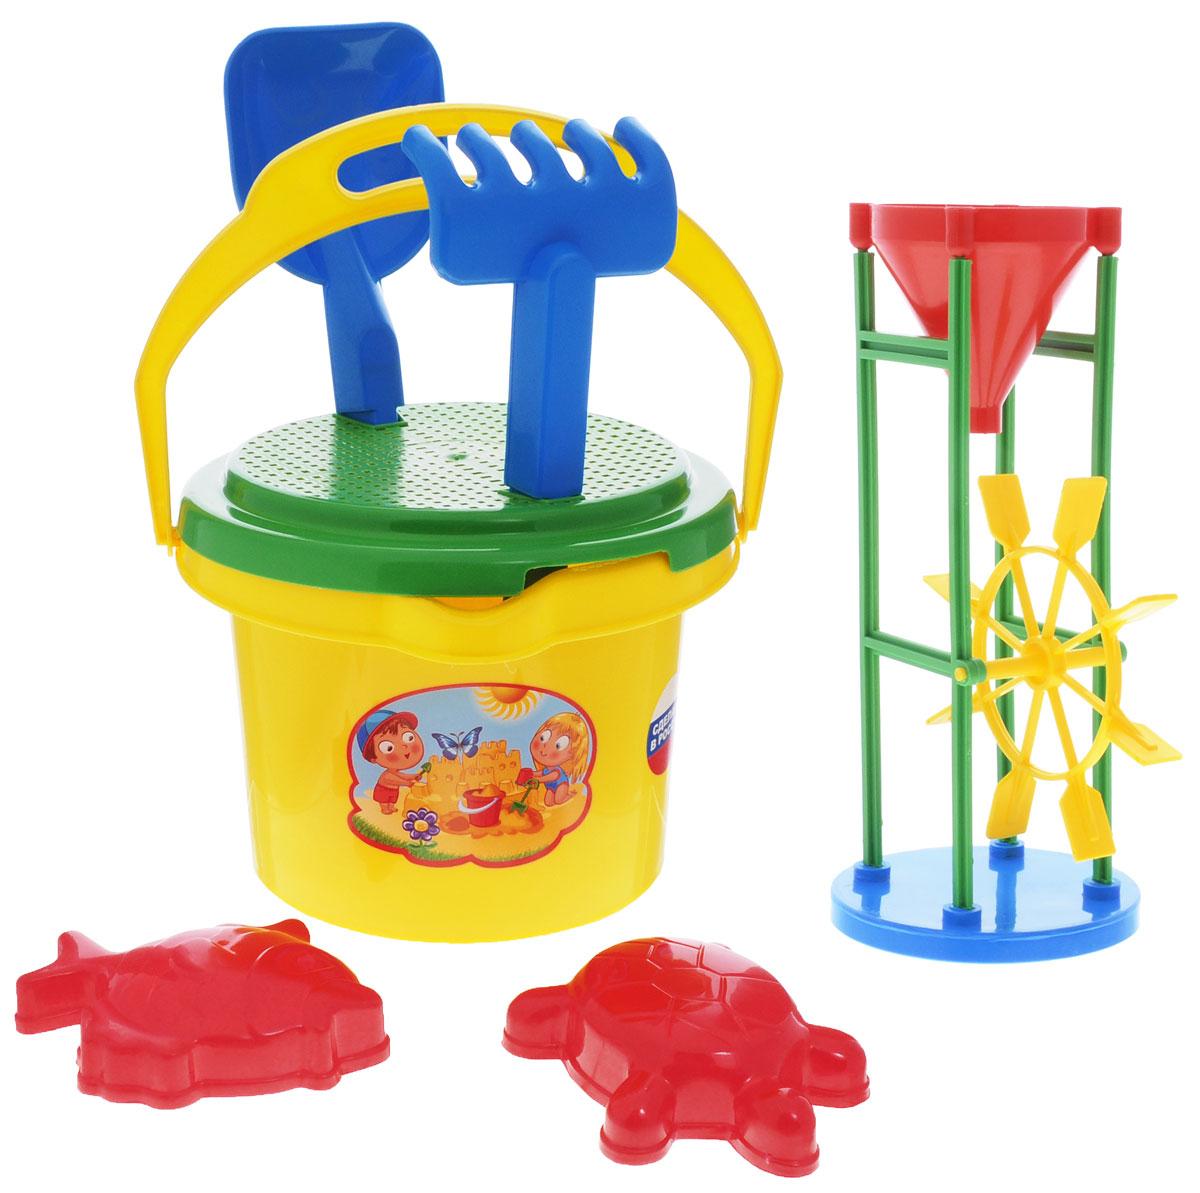 Zebratoys Набор песочный Солнышко цвет ведра желтый 7 предметов15-5601-4Набор для игры с песком Zebratoys Солнышко привлечет внимание вашего малыша и не позволит ему скучать. Набор предназначен для игры в песочнице, на пляже или во дворе загородного дома. Ударопрочный пластик и качественные красители надолго сохранят внешний вид игрушки и будут радовать ваших детей. В набор входит ведерко с ситом, совок, грабли, две формочк, песочная лестница. С таким набором игры на свежем воздухе принесут вашему малышу одно удовольствие! Порадуйте его таким замечательным подарком!